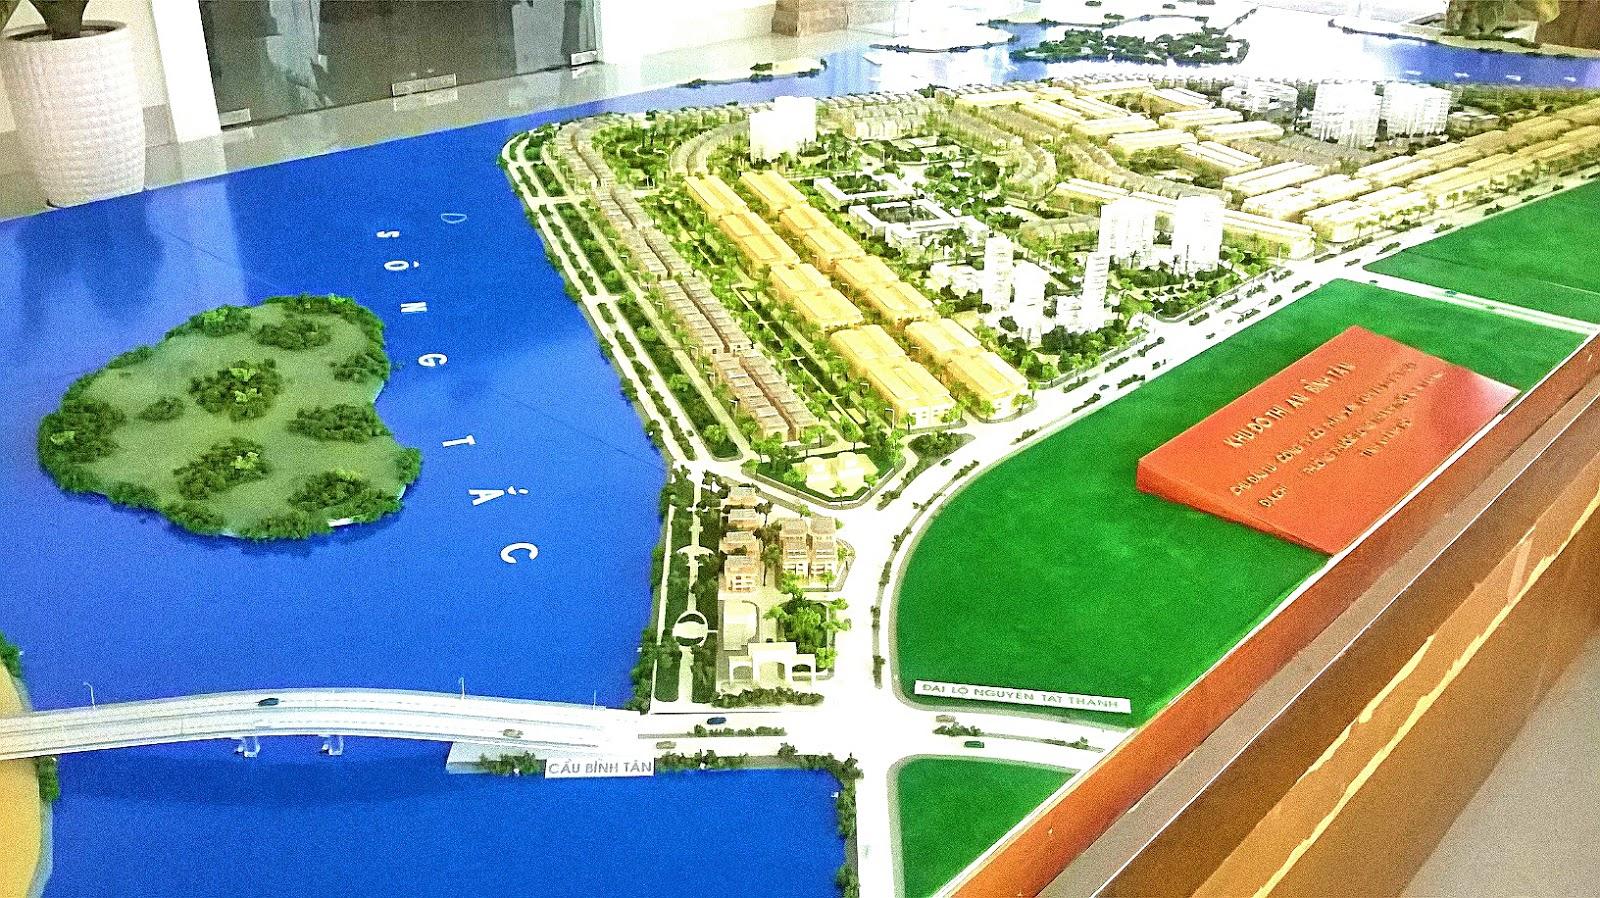 HOT - 8.8 triệu/m2 đất nền An Bình Tân cách biển 1,5 km - hỗ trợ vay vốn ngân hàng 70%.